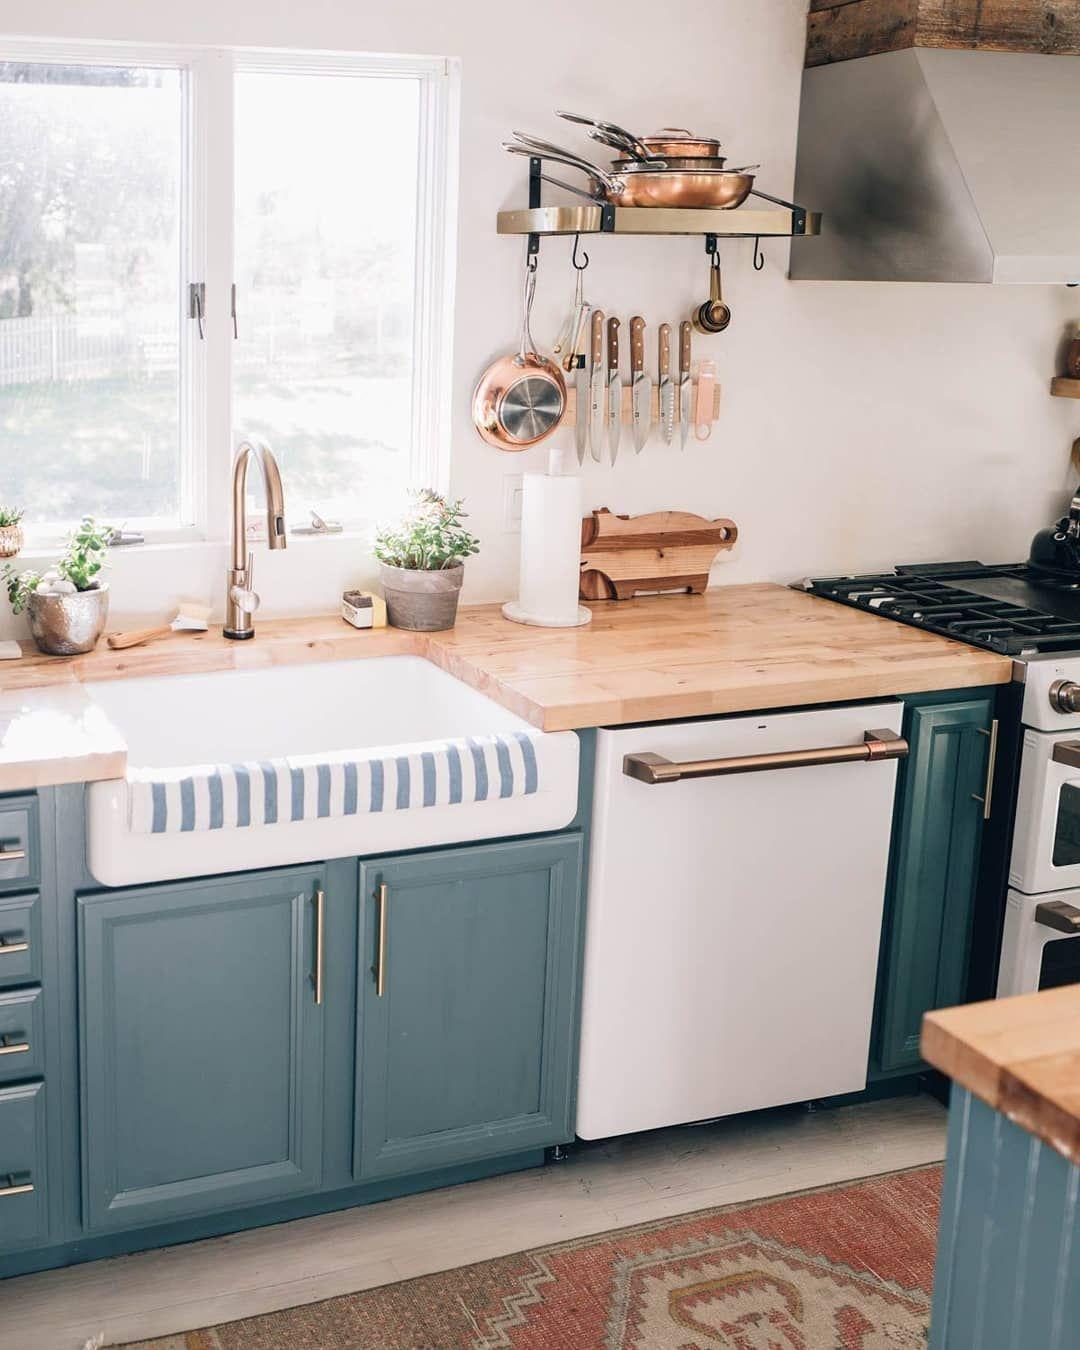 This beautiful kitchen from jessannkirby.com 🥰😍 °----------------------------°-----------------------------° . . . . . . . Tags: #decorationideas #decor #decorideas #kitchenideas #kitchen #bohostyle #bohodecor #interiordesign #bluekitchen